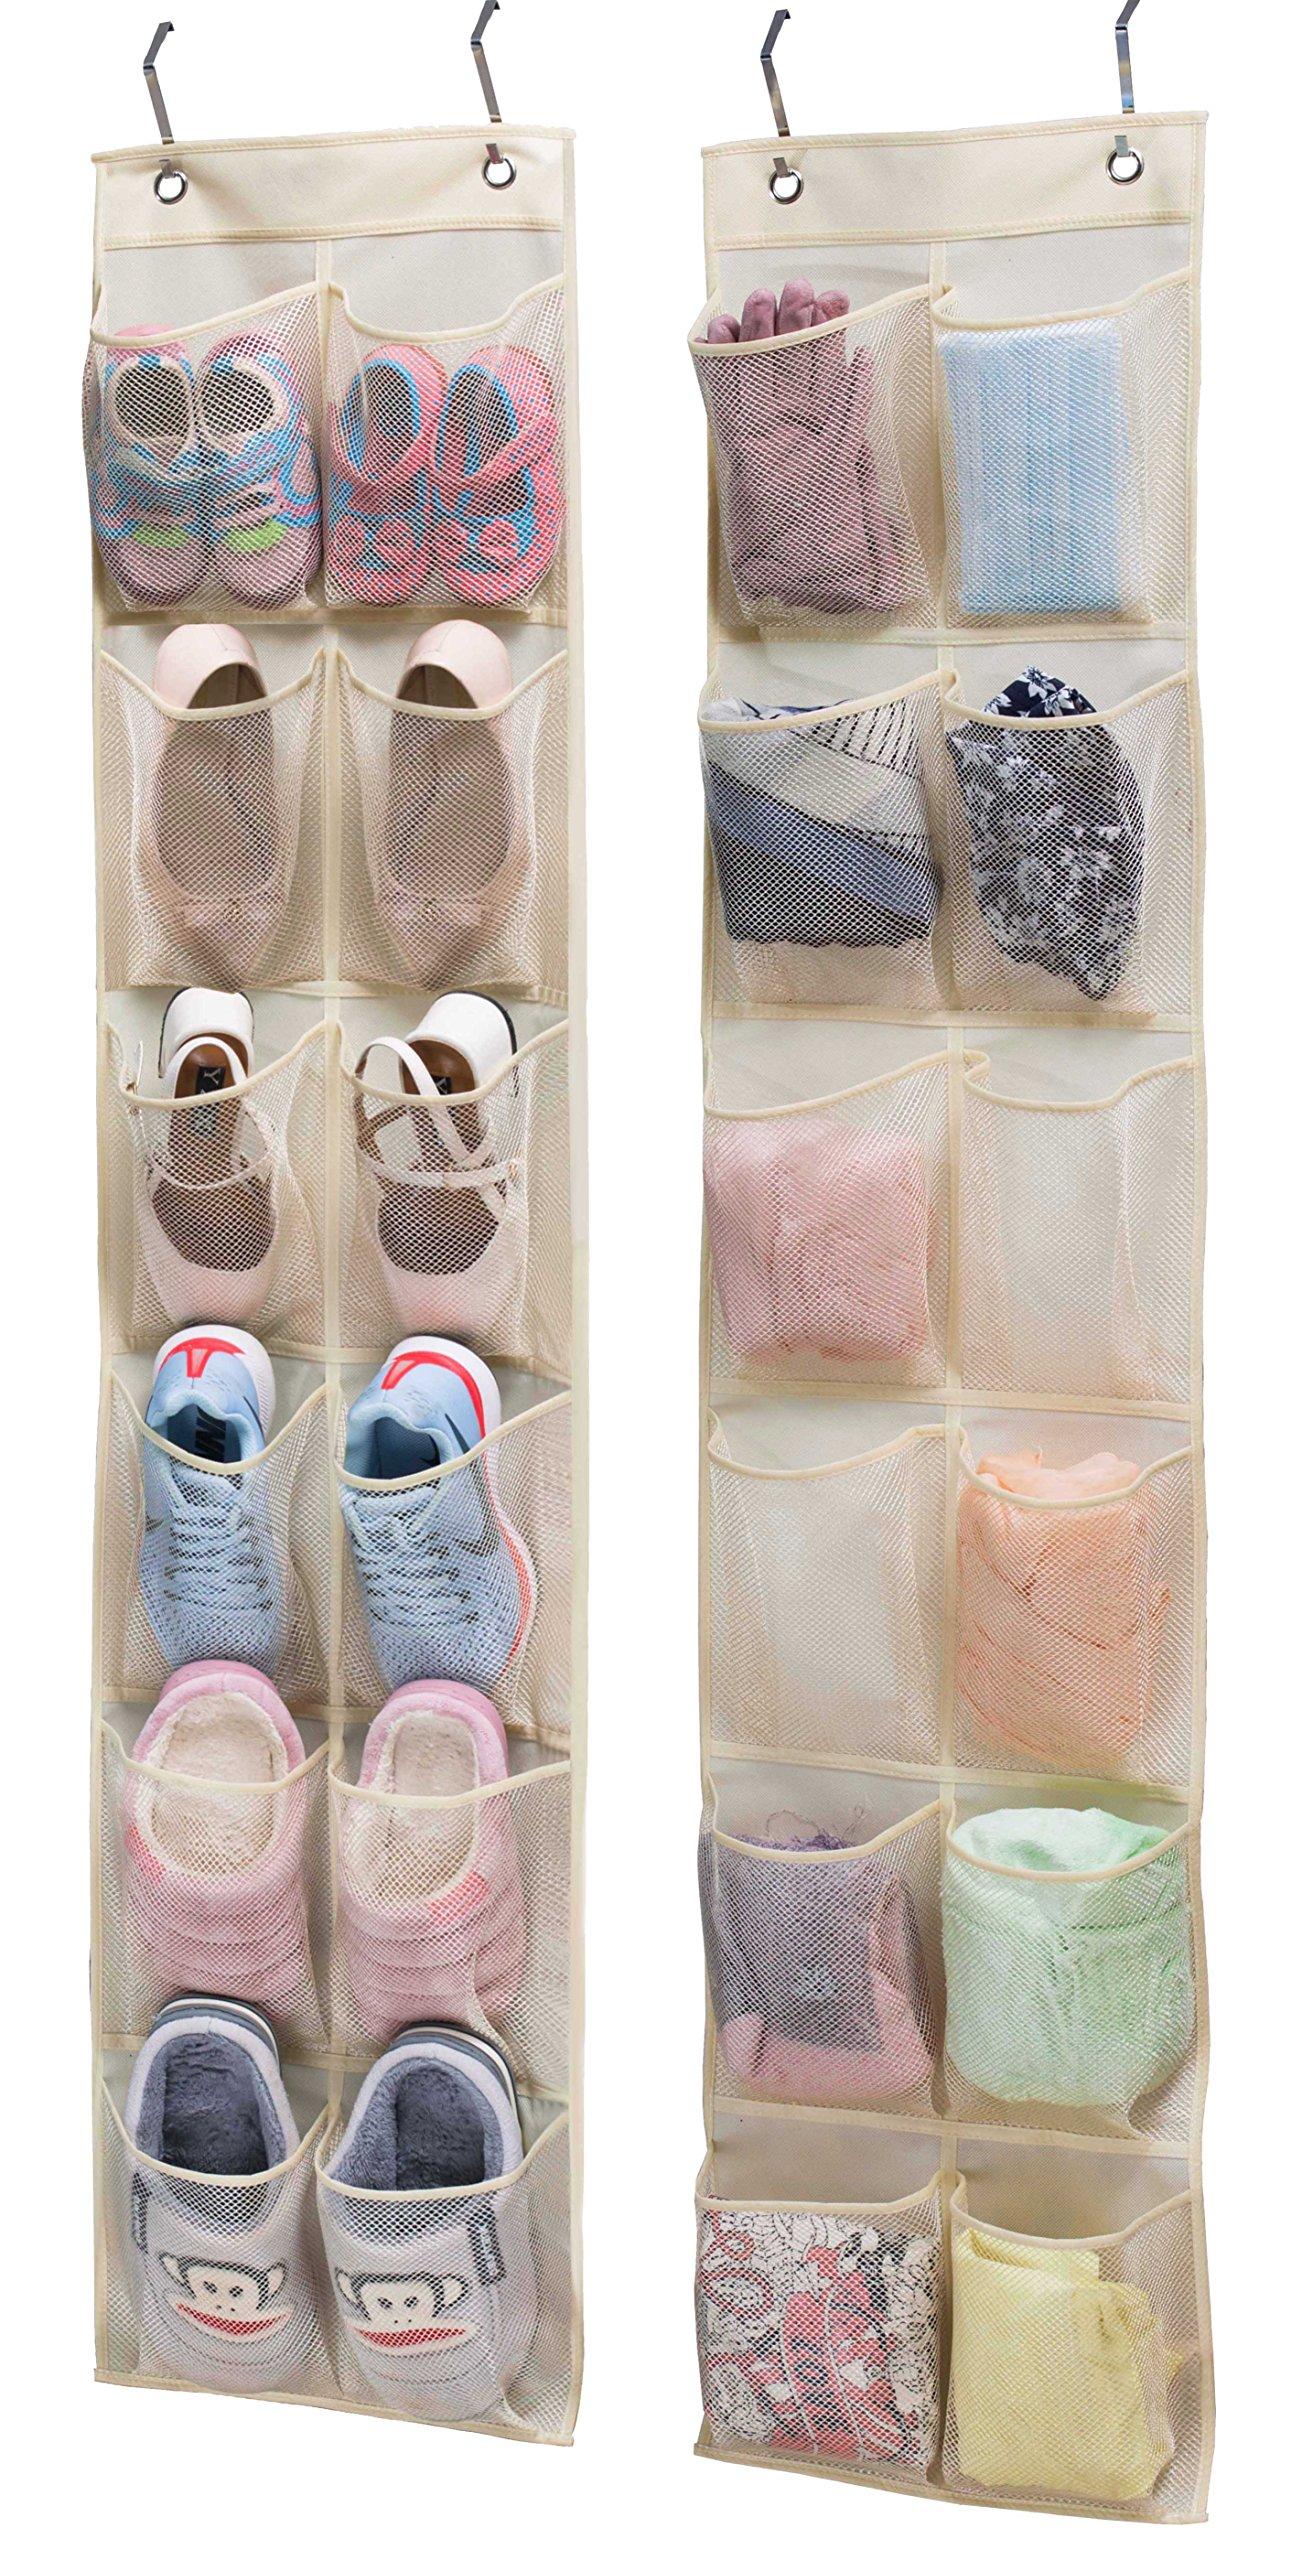 KIMBORA 2 Pack 12 Large Mesh Pockets Over the Door Shoe Organizer Narrow Closet Door Hanging Pantry Organizer, Beige